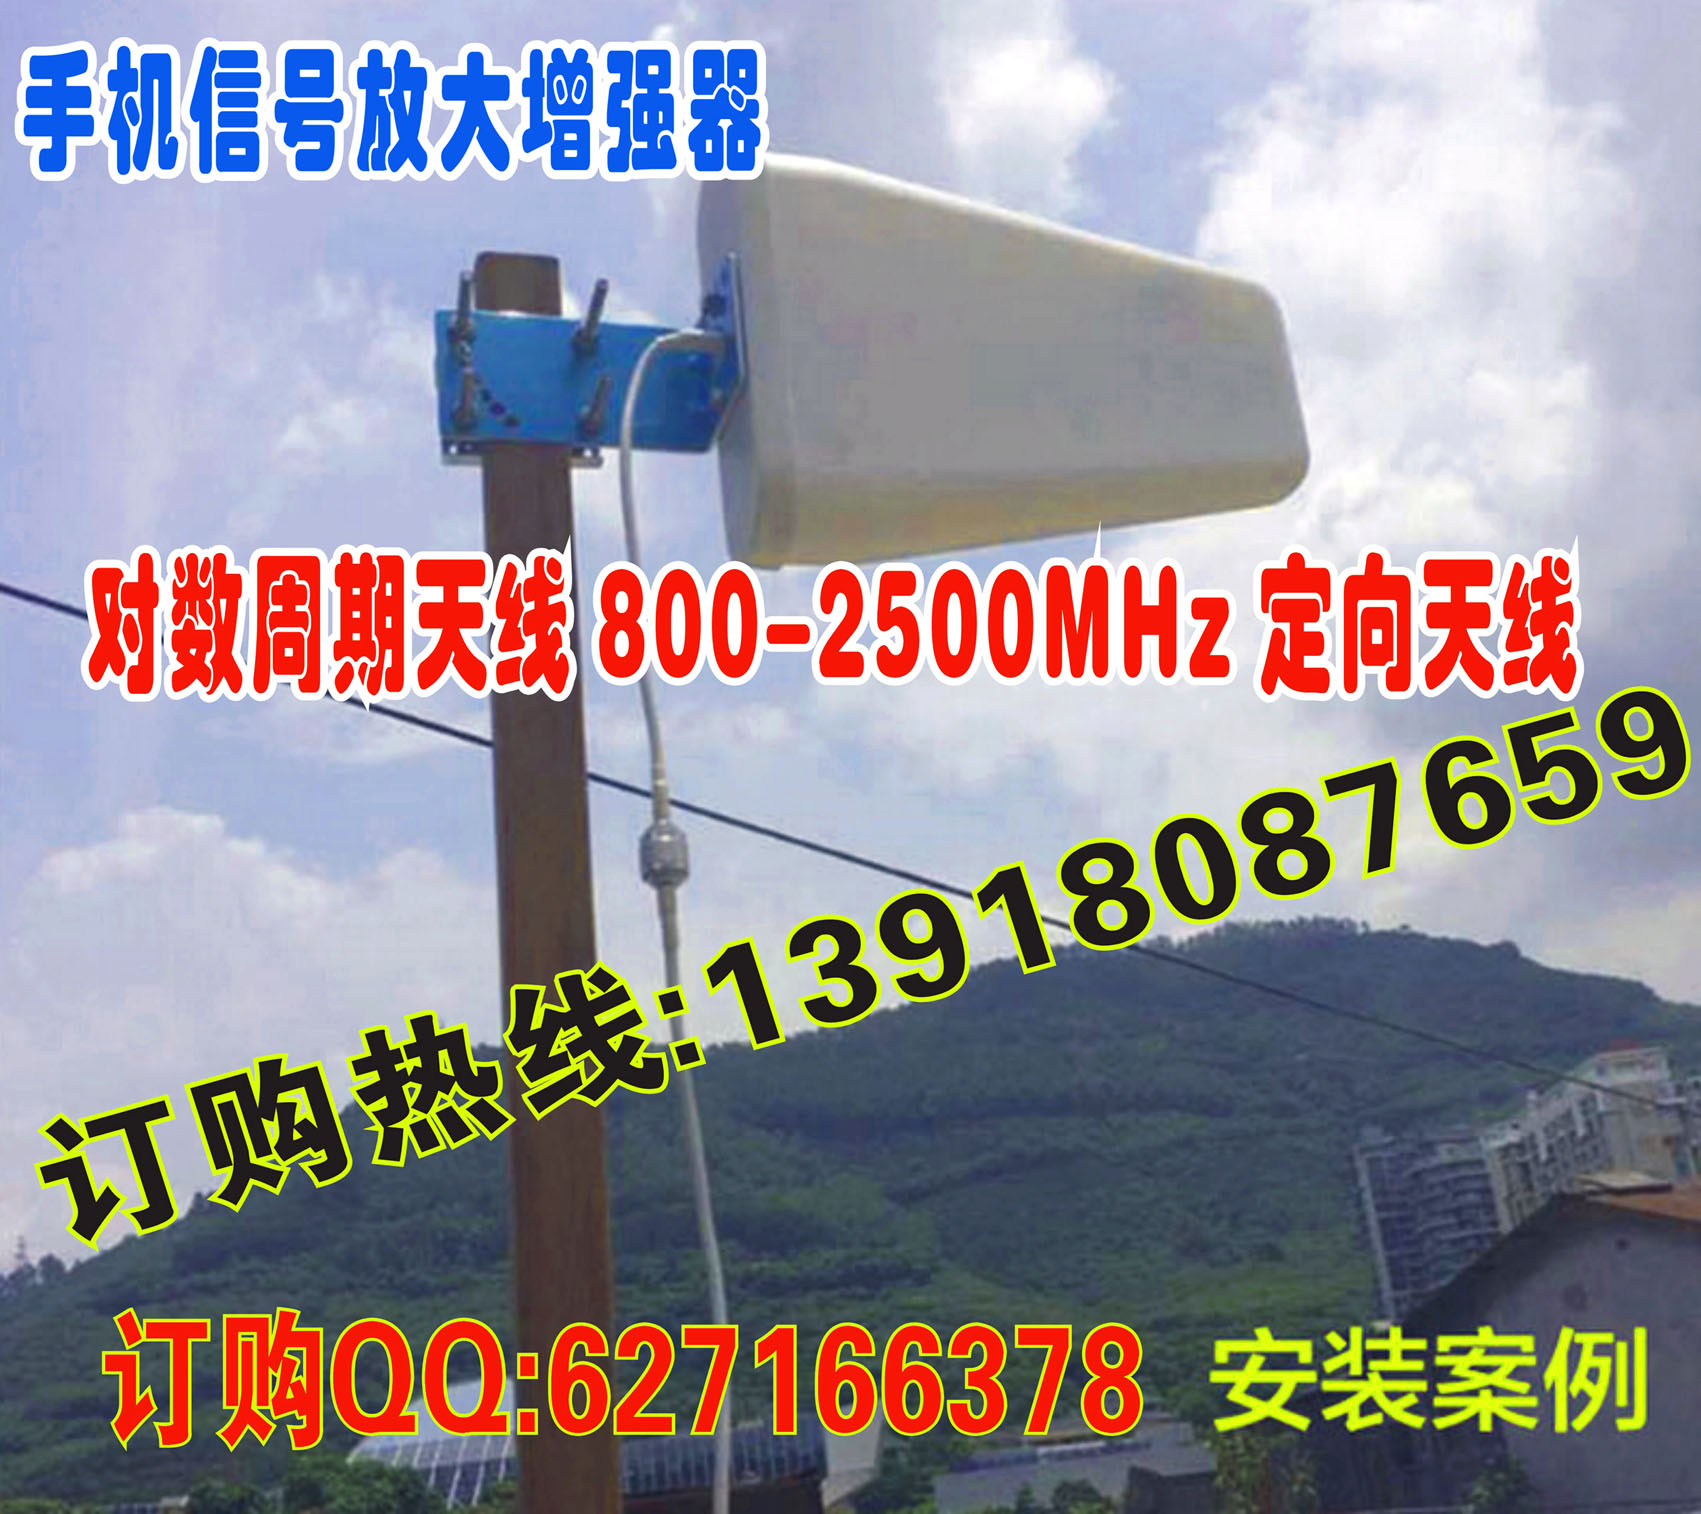 赣州移动4G手机信号放大器,三网合一手机信号增强器